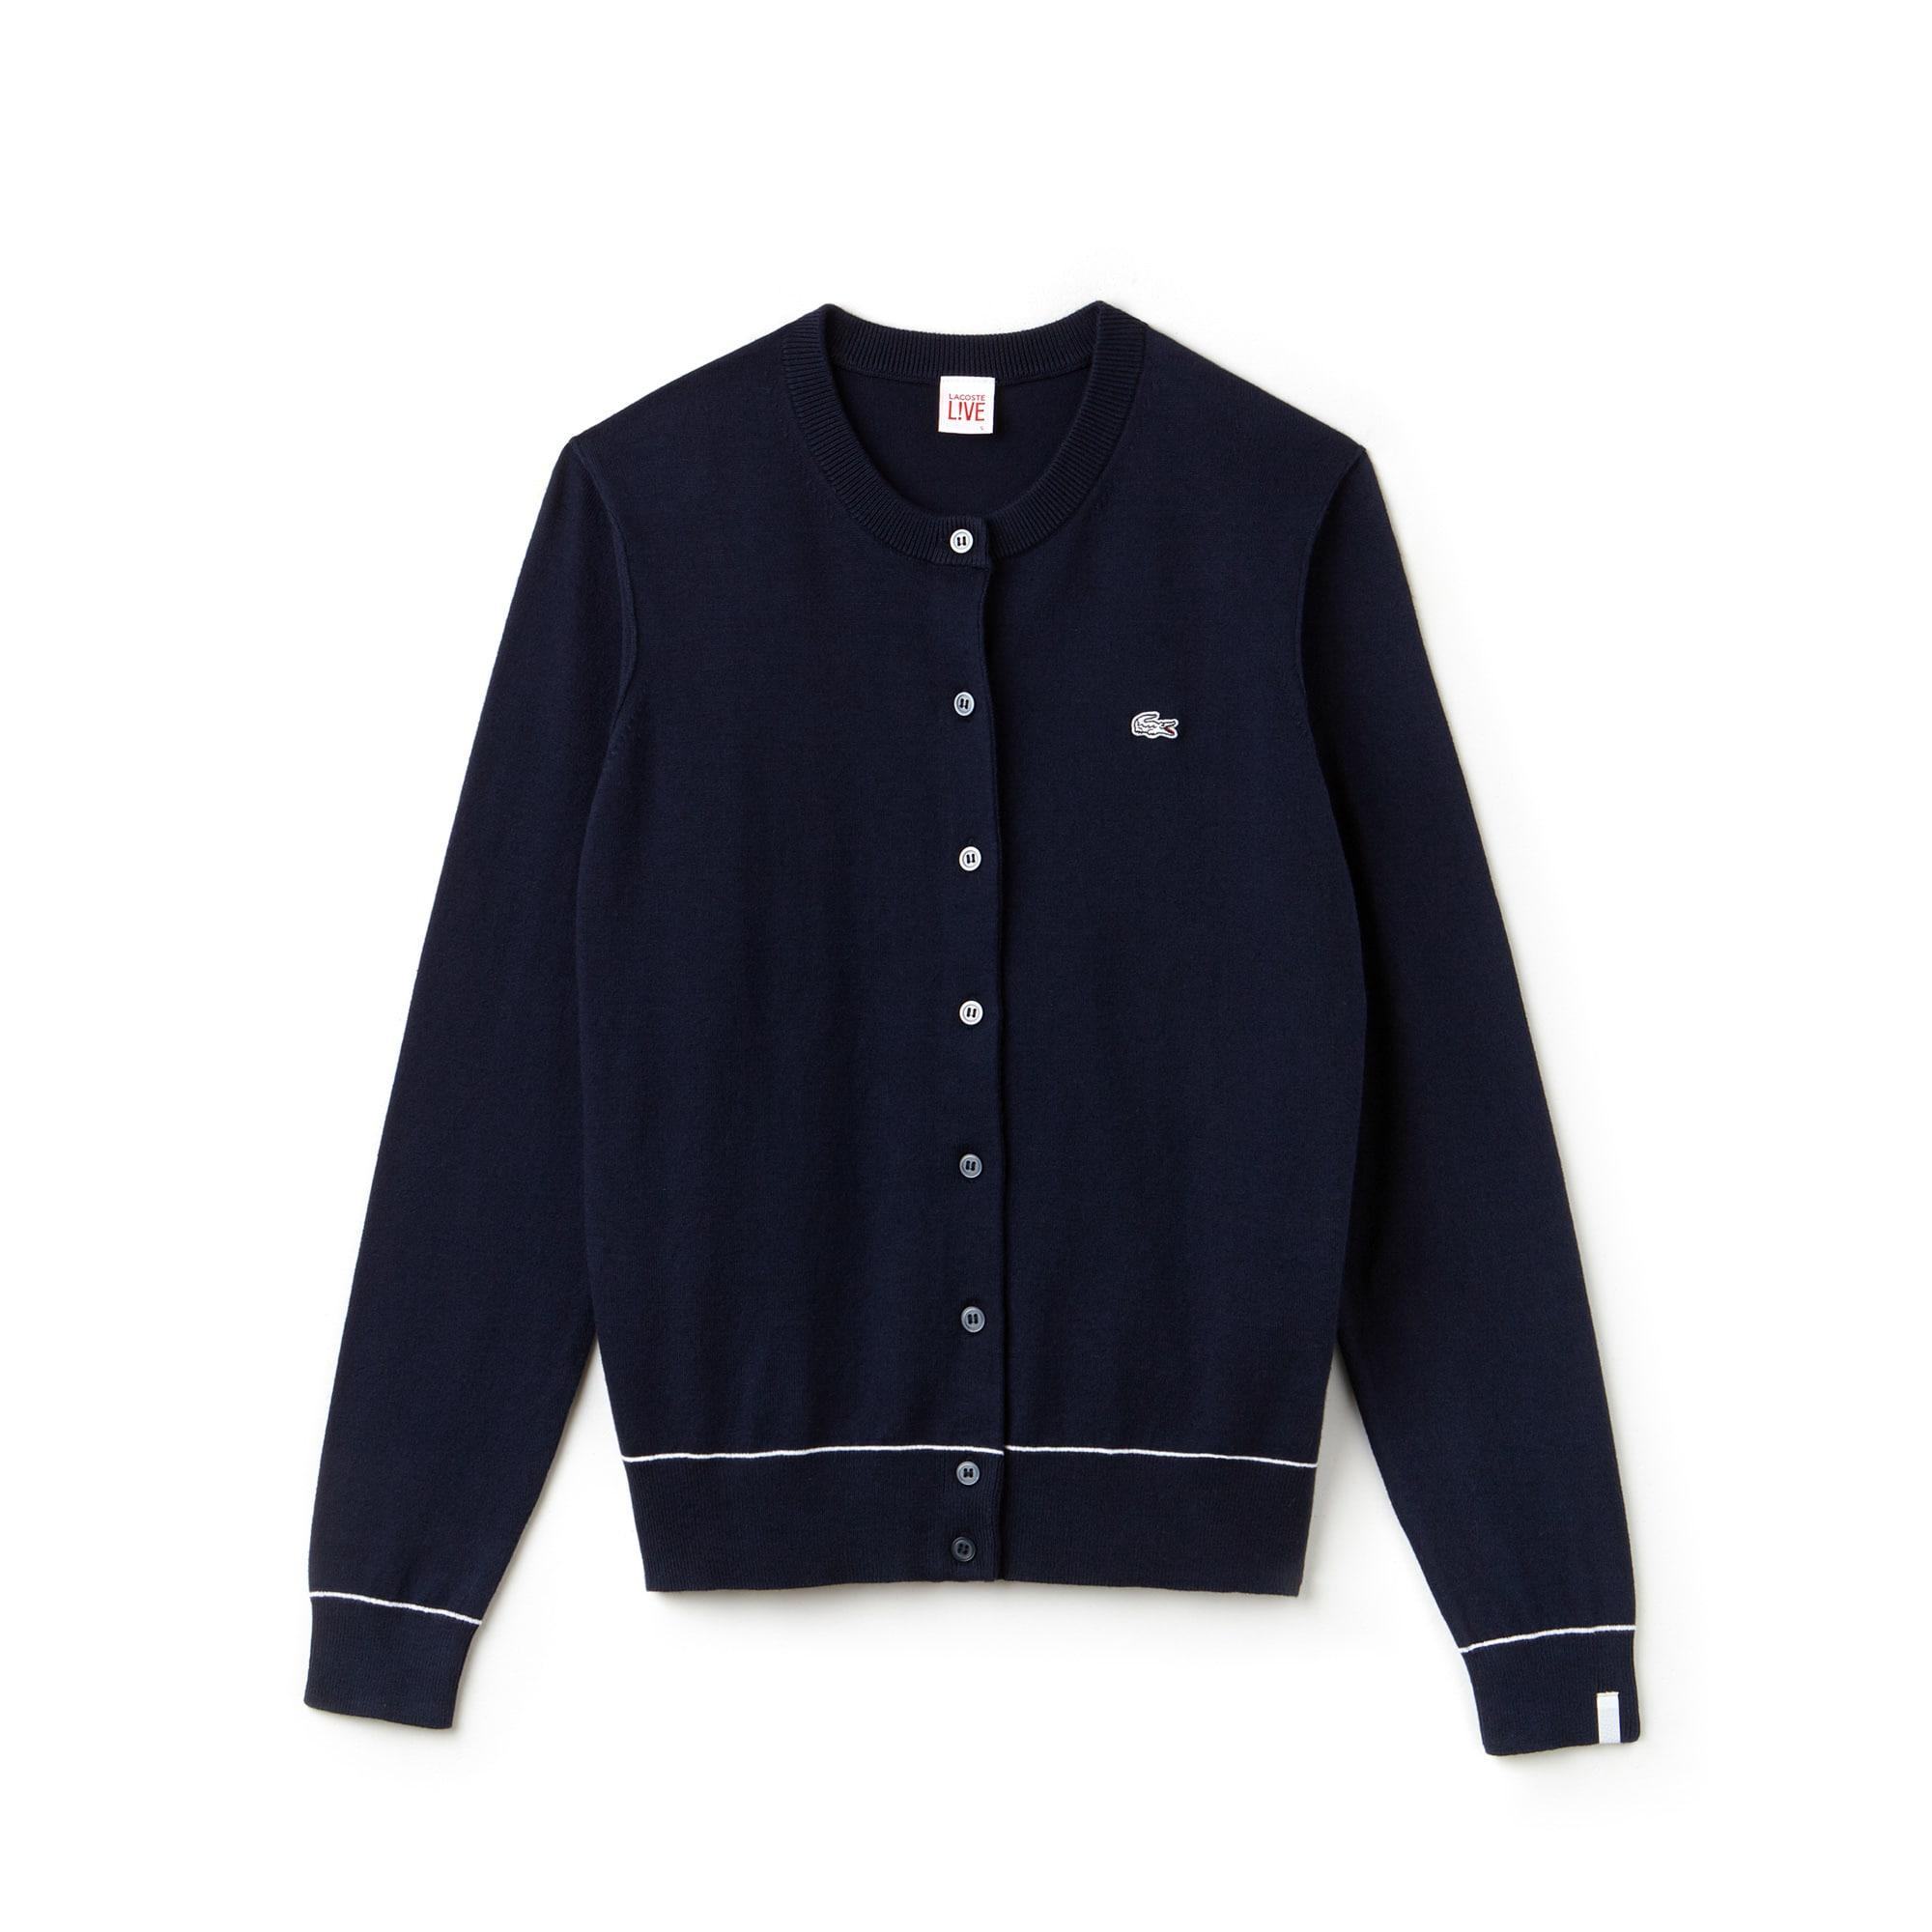 Cardigan col rond Lacoste LIVE en jersey de coton et soie uni